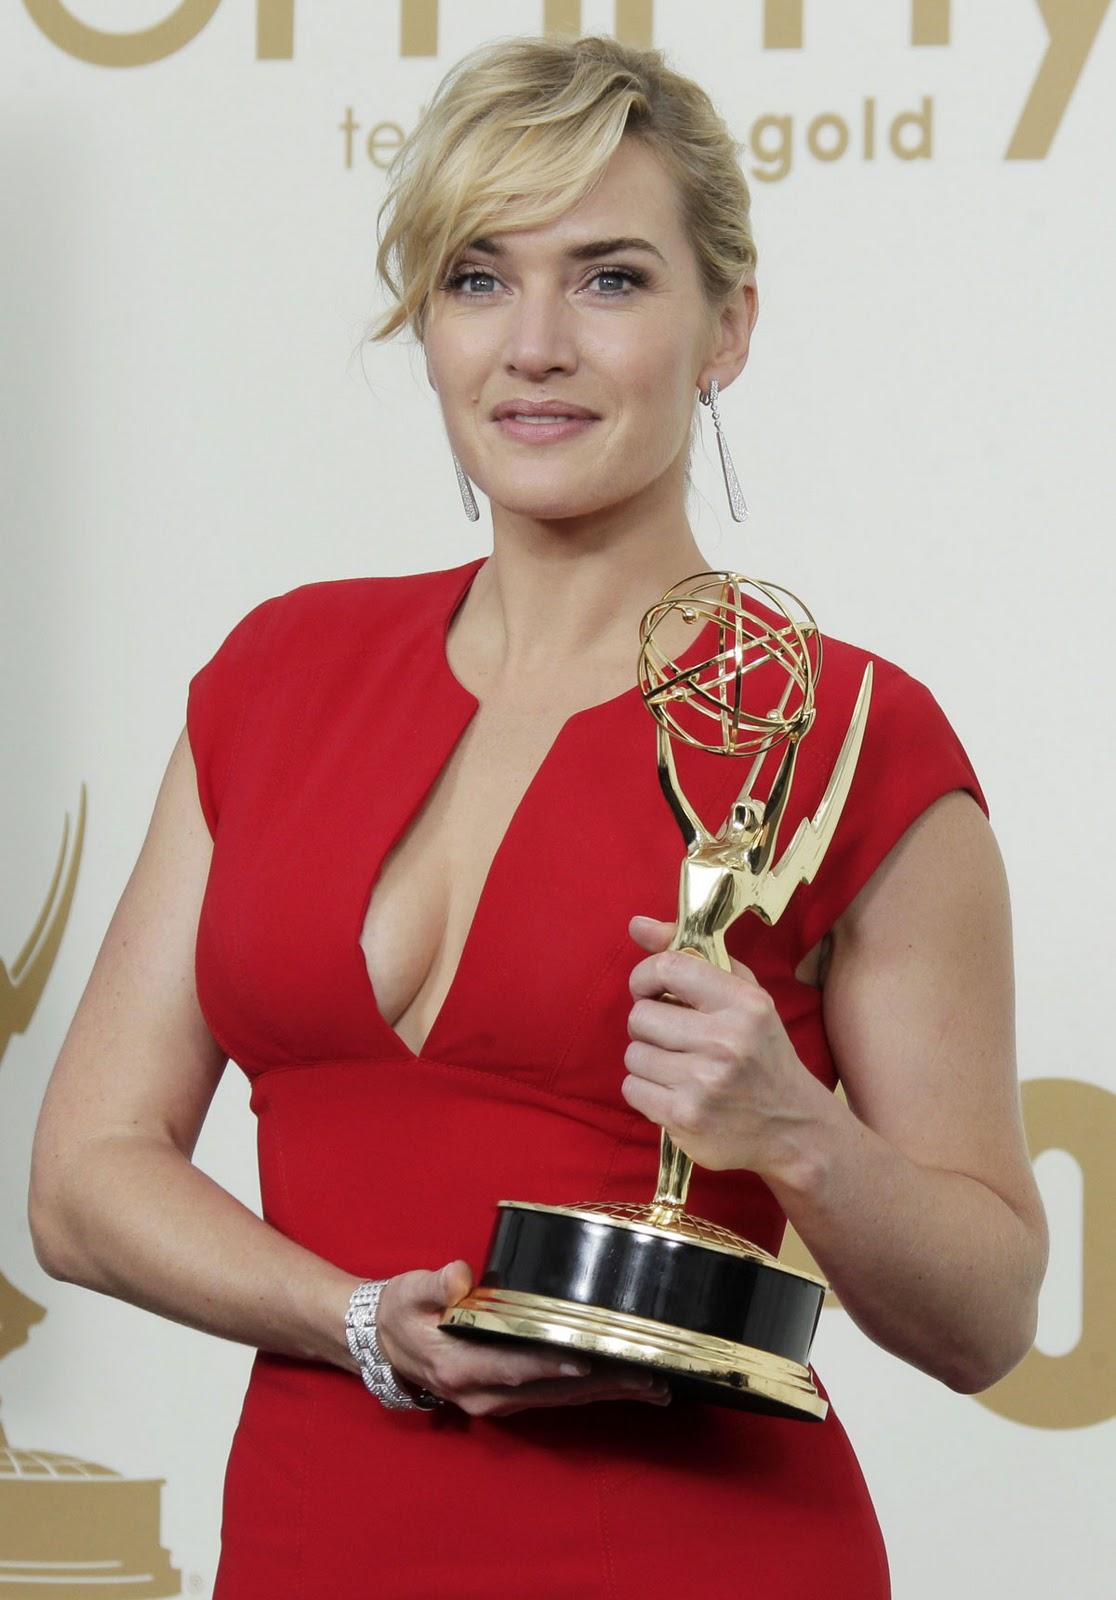 http://3.bp.blogspot.com/-Uer12sX39pE/Ts-48JiLKEI/AAAAAAAAA3w/vKN7F8fOnpE/s1600/Kate-Winslet-2011-emmy-awards-Elie-Saab-6.jpg